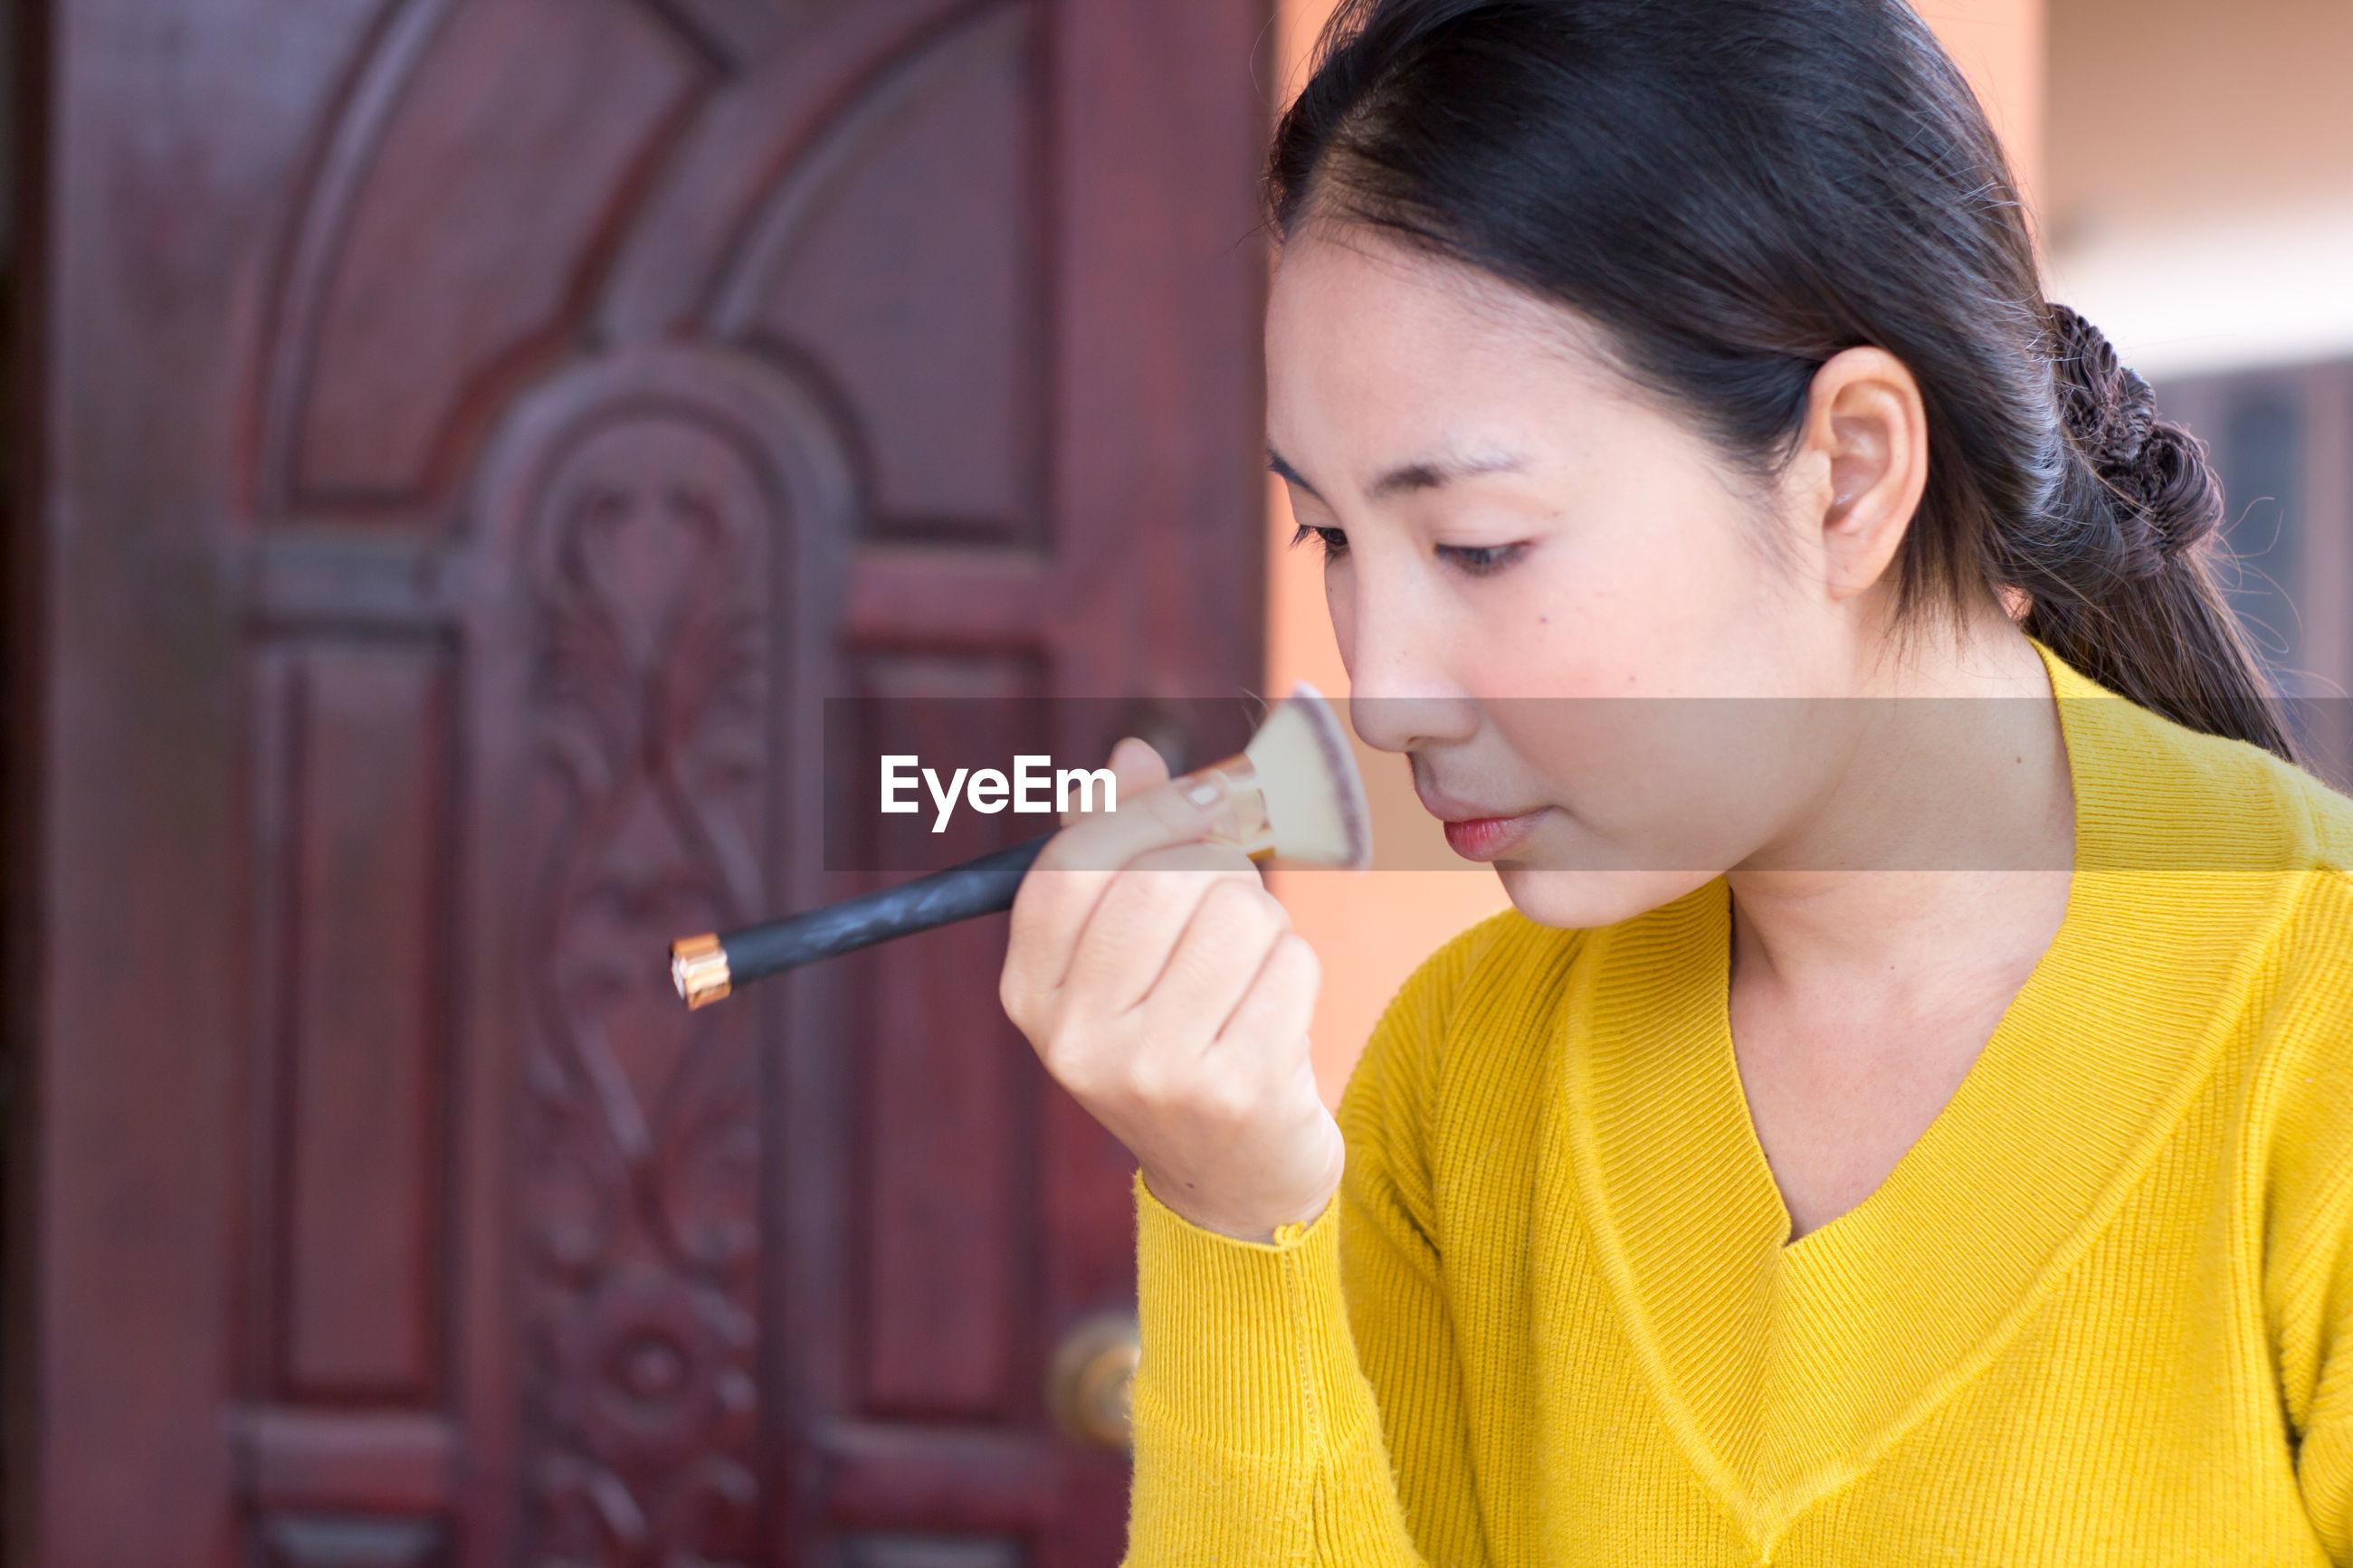 Close-up of woman applying make-up at home